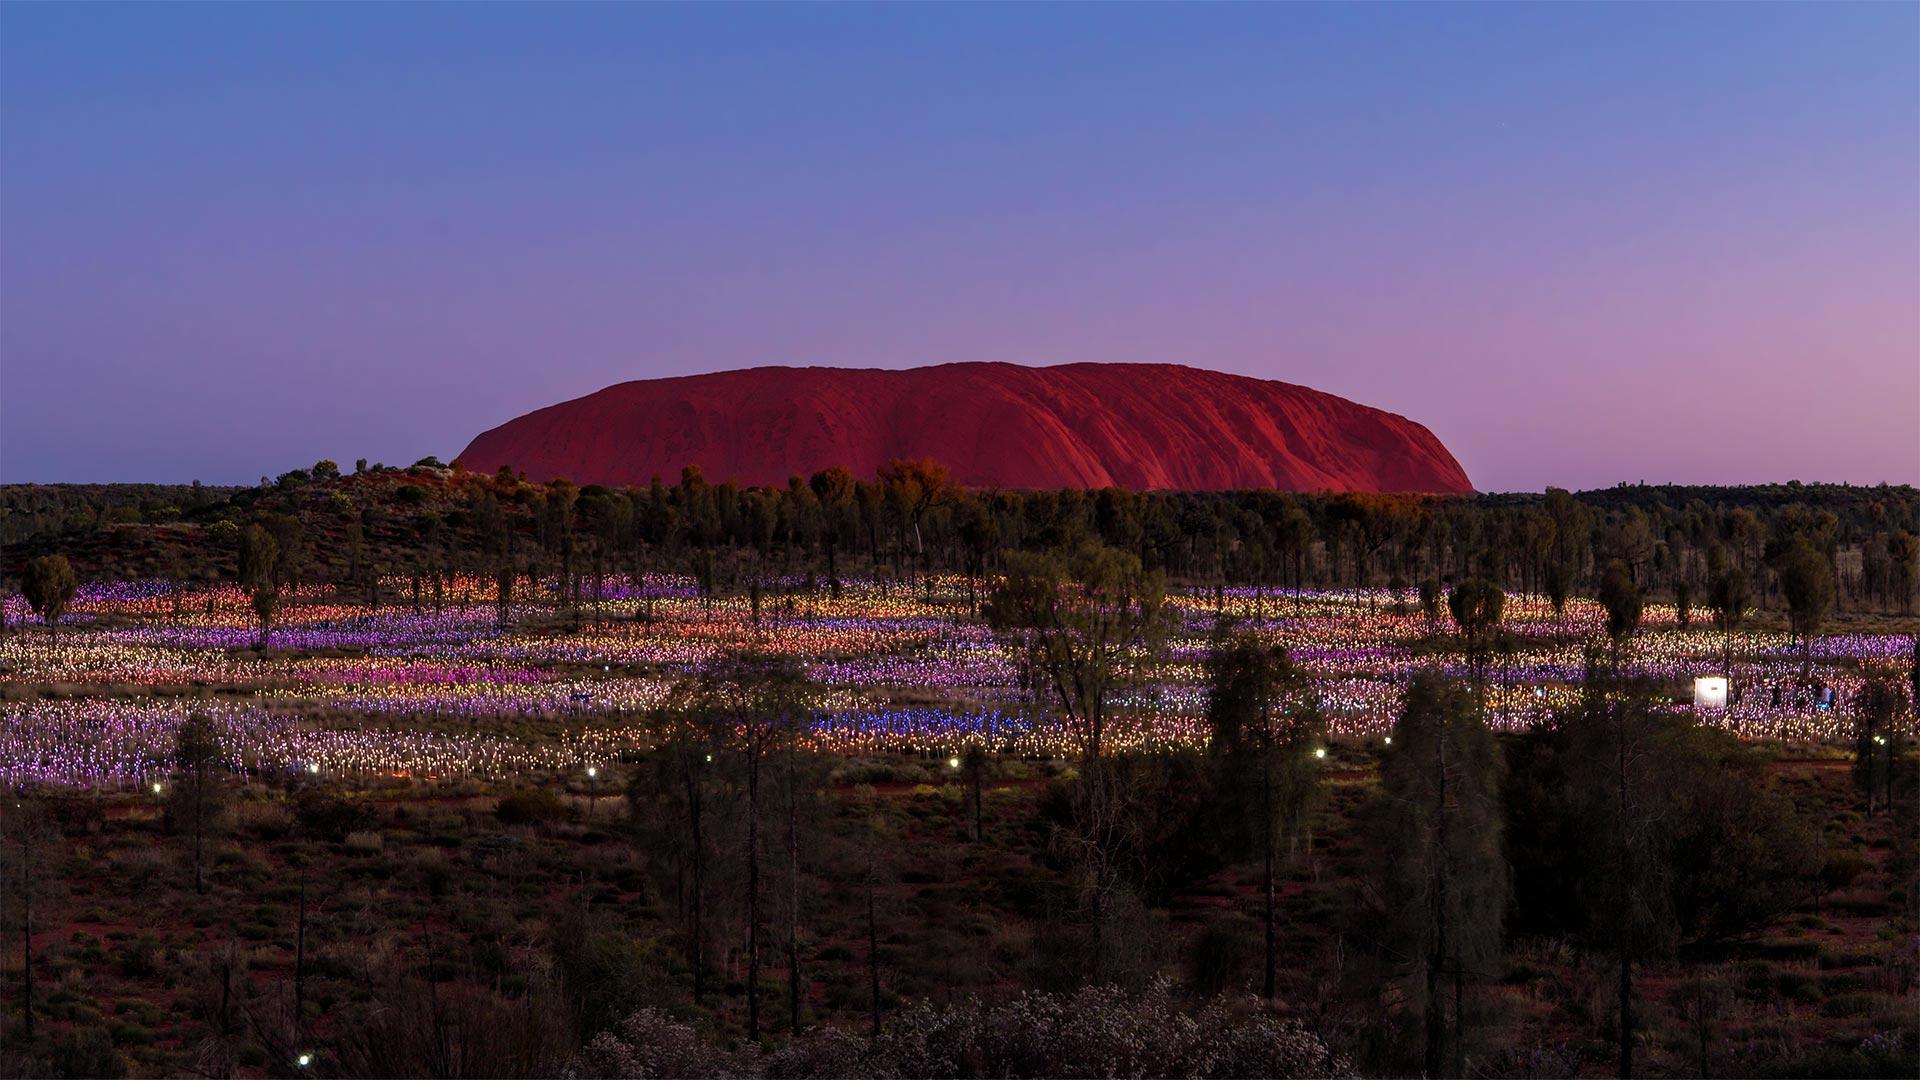 「ブルース・マンローの作品『フィールドオブライト』」オーストラリア, ウルル (© kokouu/Getty Images)